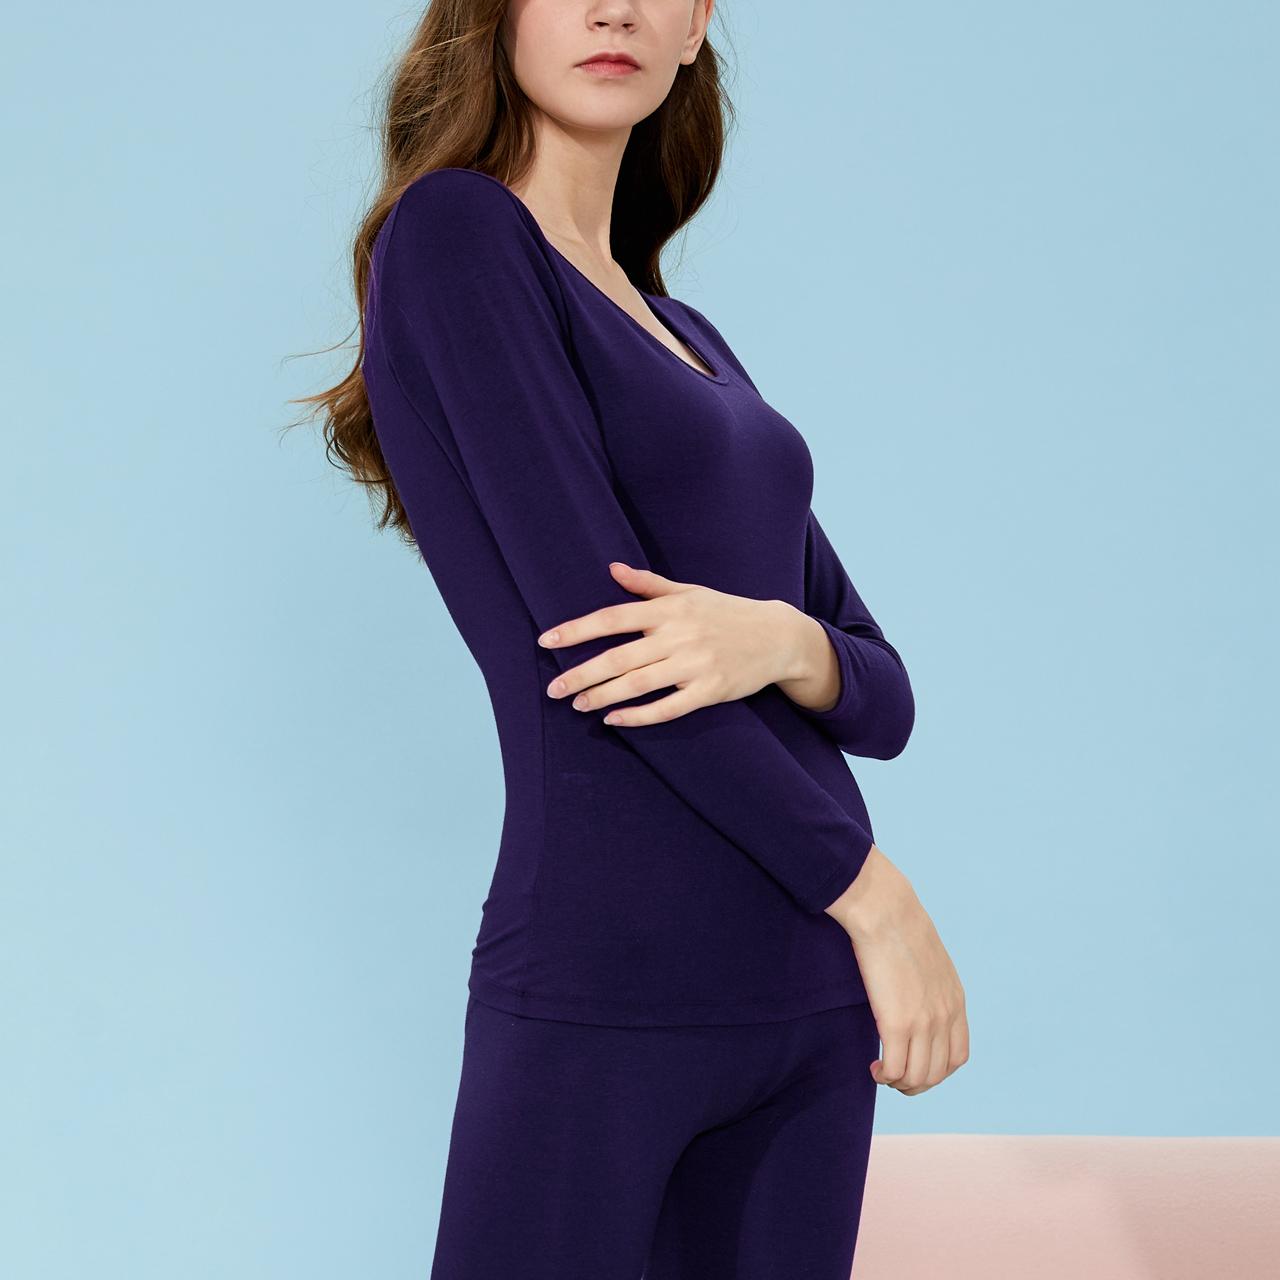 依曼丽新款莫代尔女长袖薄款保暖内衣套装 柔软舒适贴肤居家打底